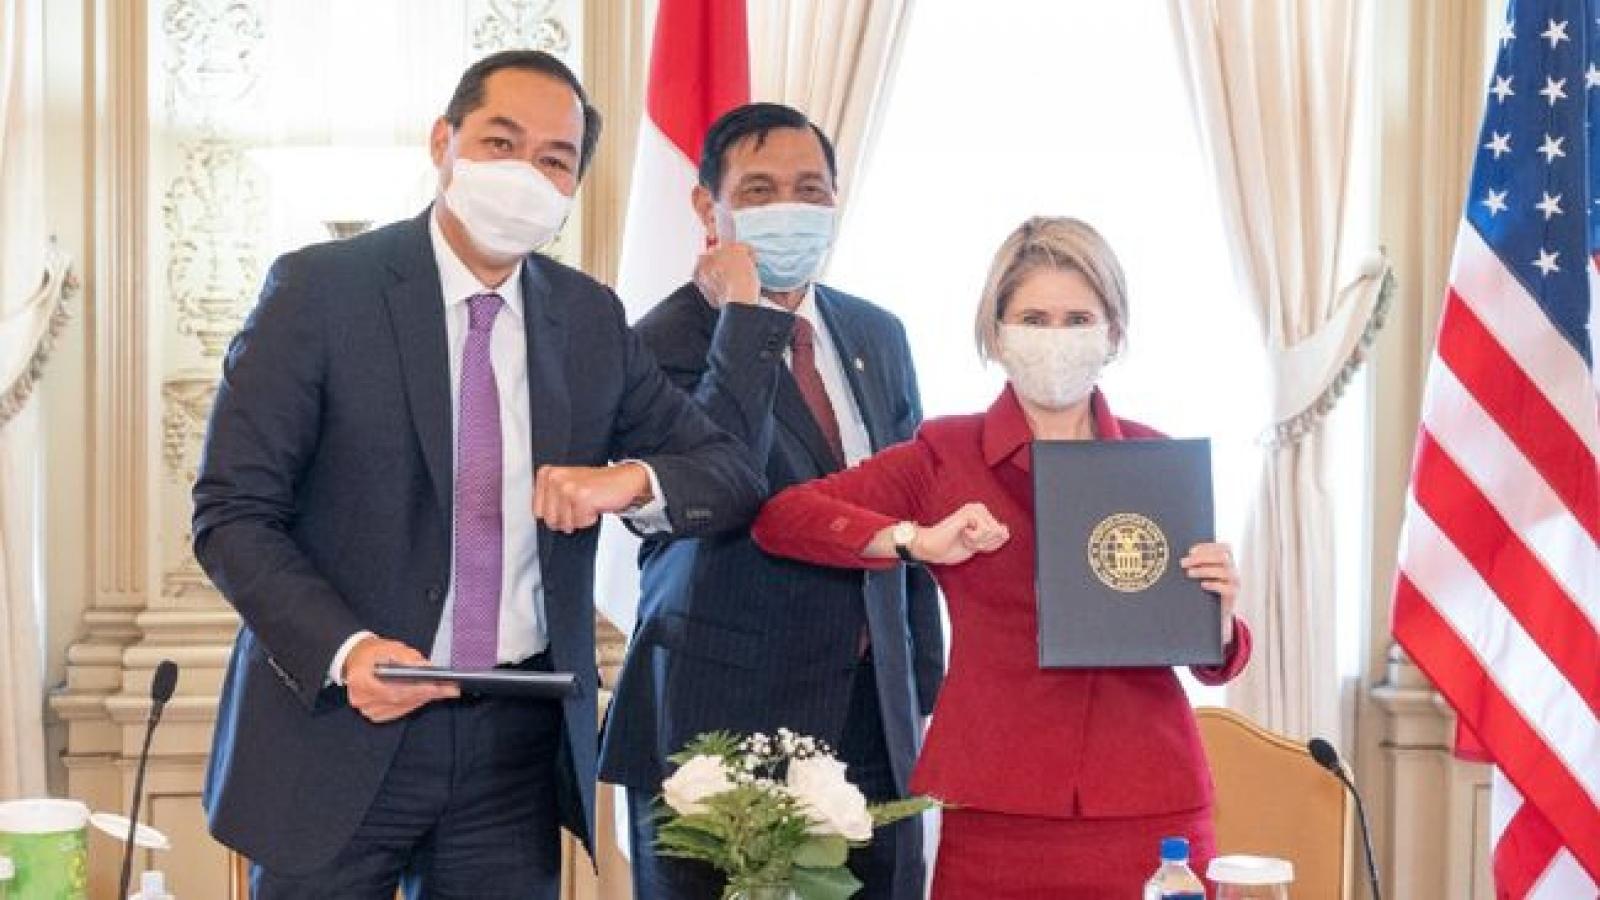 Indonesia và Mỹ ký biên bản ghi nhớ về cơ sở hạ tầng và thương mại